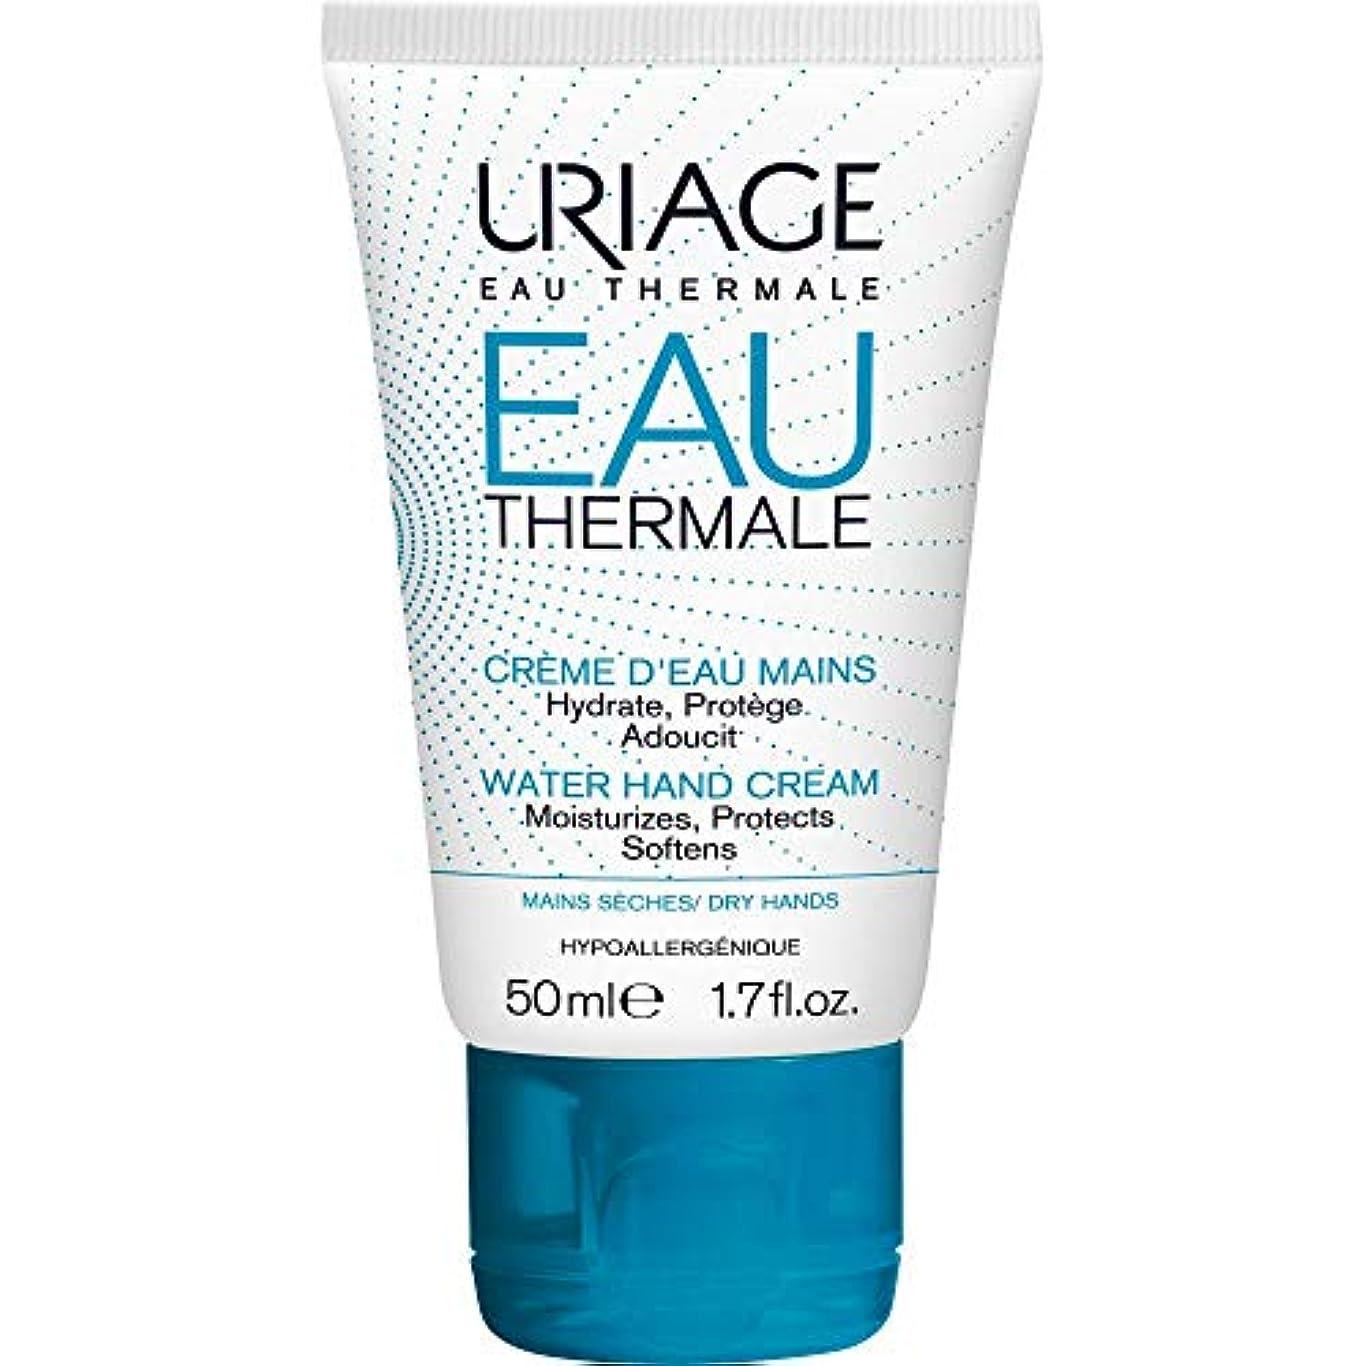 香水結論例示する[Uriage] UriageオーThermale水ハンドクリーム50Ml - Uriage Eau Thermale Water Hand Cream 50ml [並行輸入品]